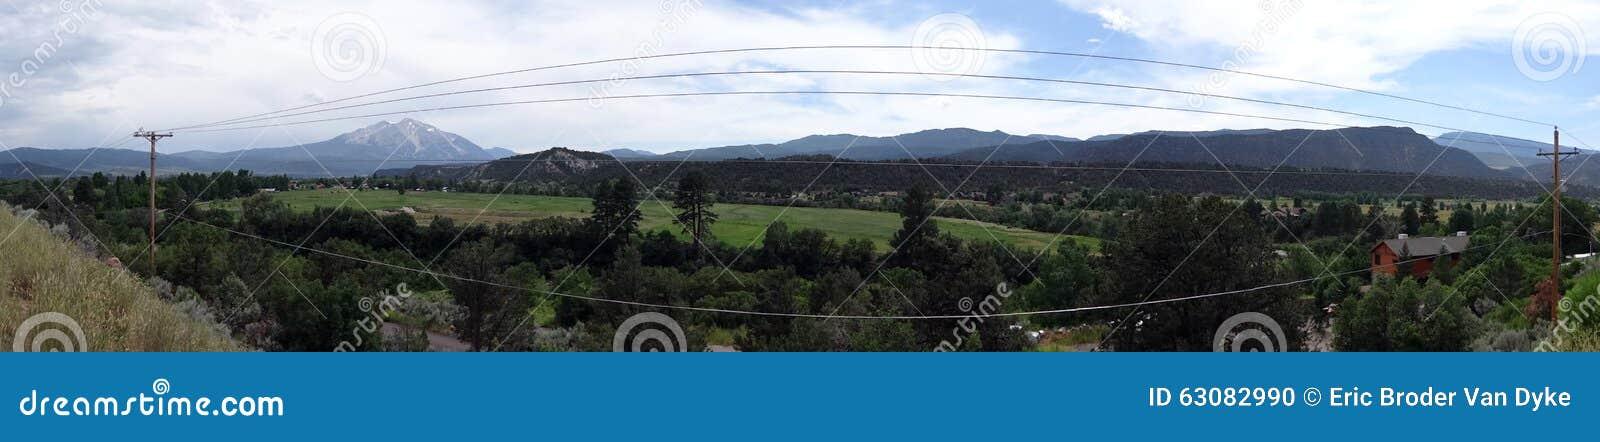 Download Panoramique De La Ligne à Haute Tension Fonctionnant Par La Ville De Carbondale Photo stock - Image du electrical, structure: 63082990